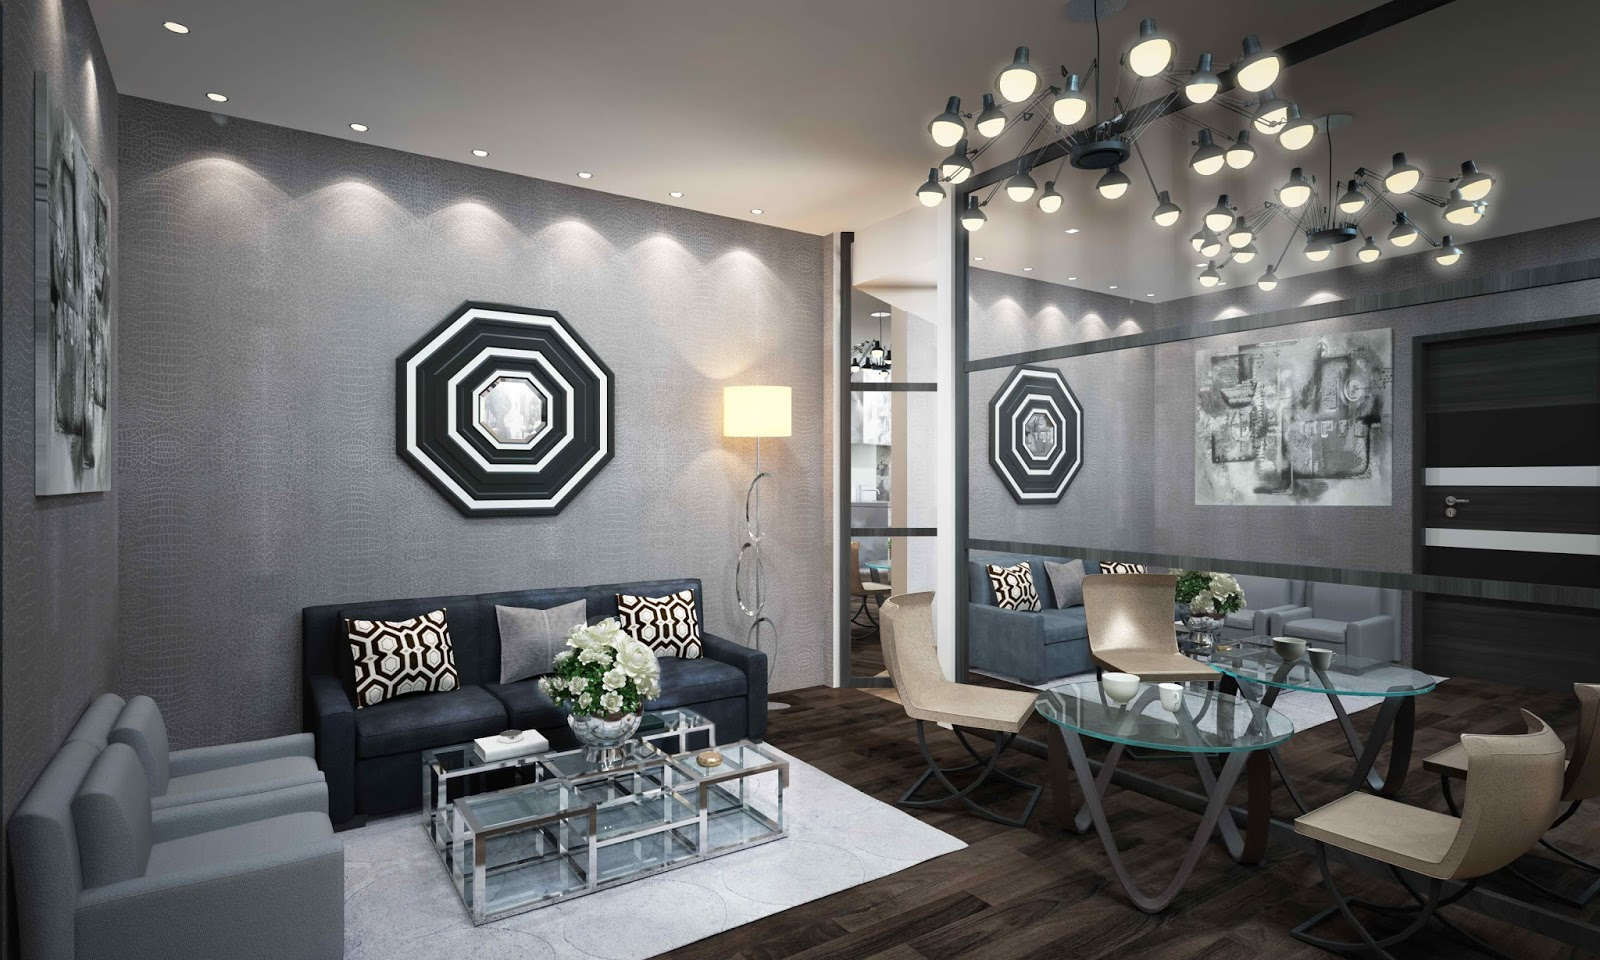 Interior Design: Famous Interior Designers at work